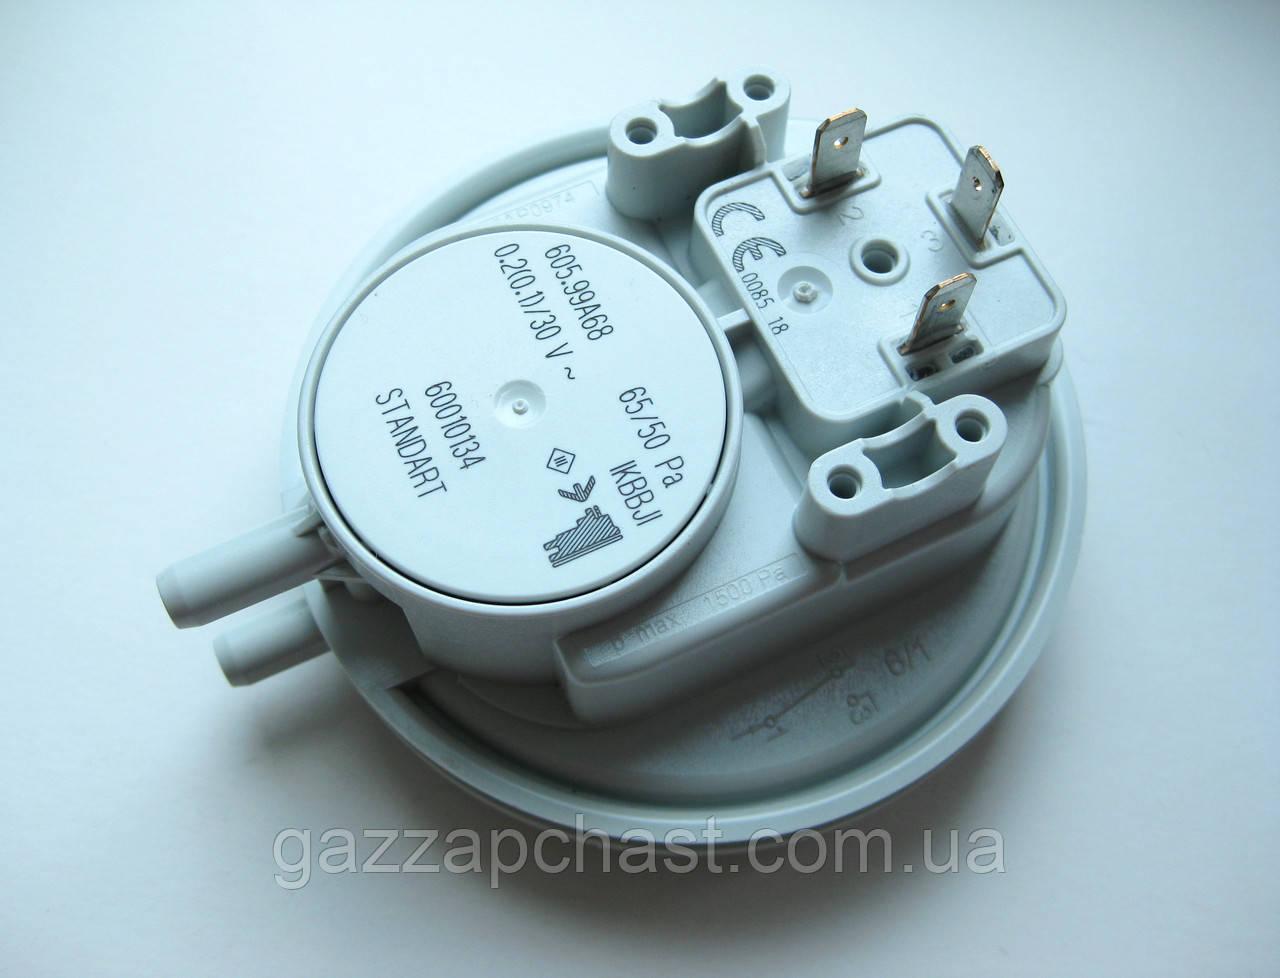 Прессостат Huba Control 65/50 Pa для бытовых газовых котлов (60010134)